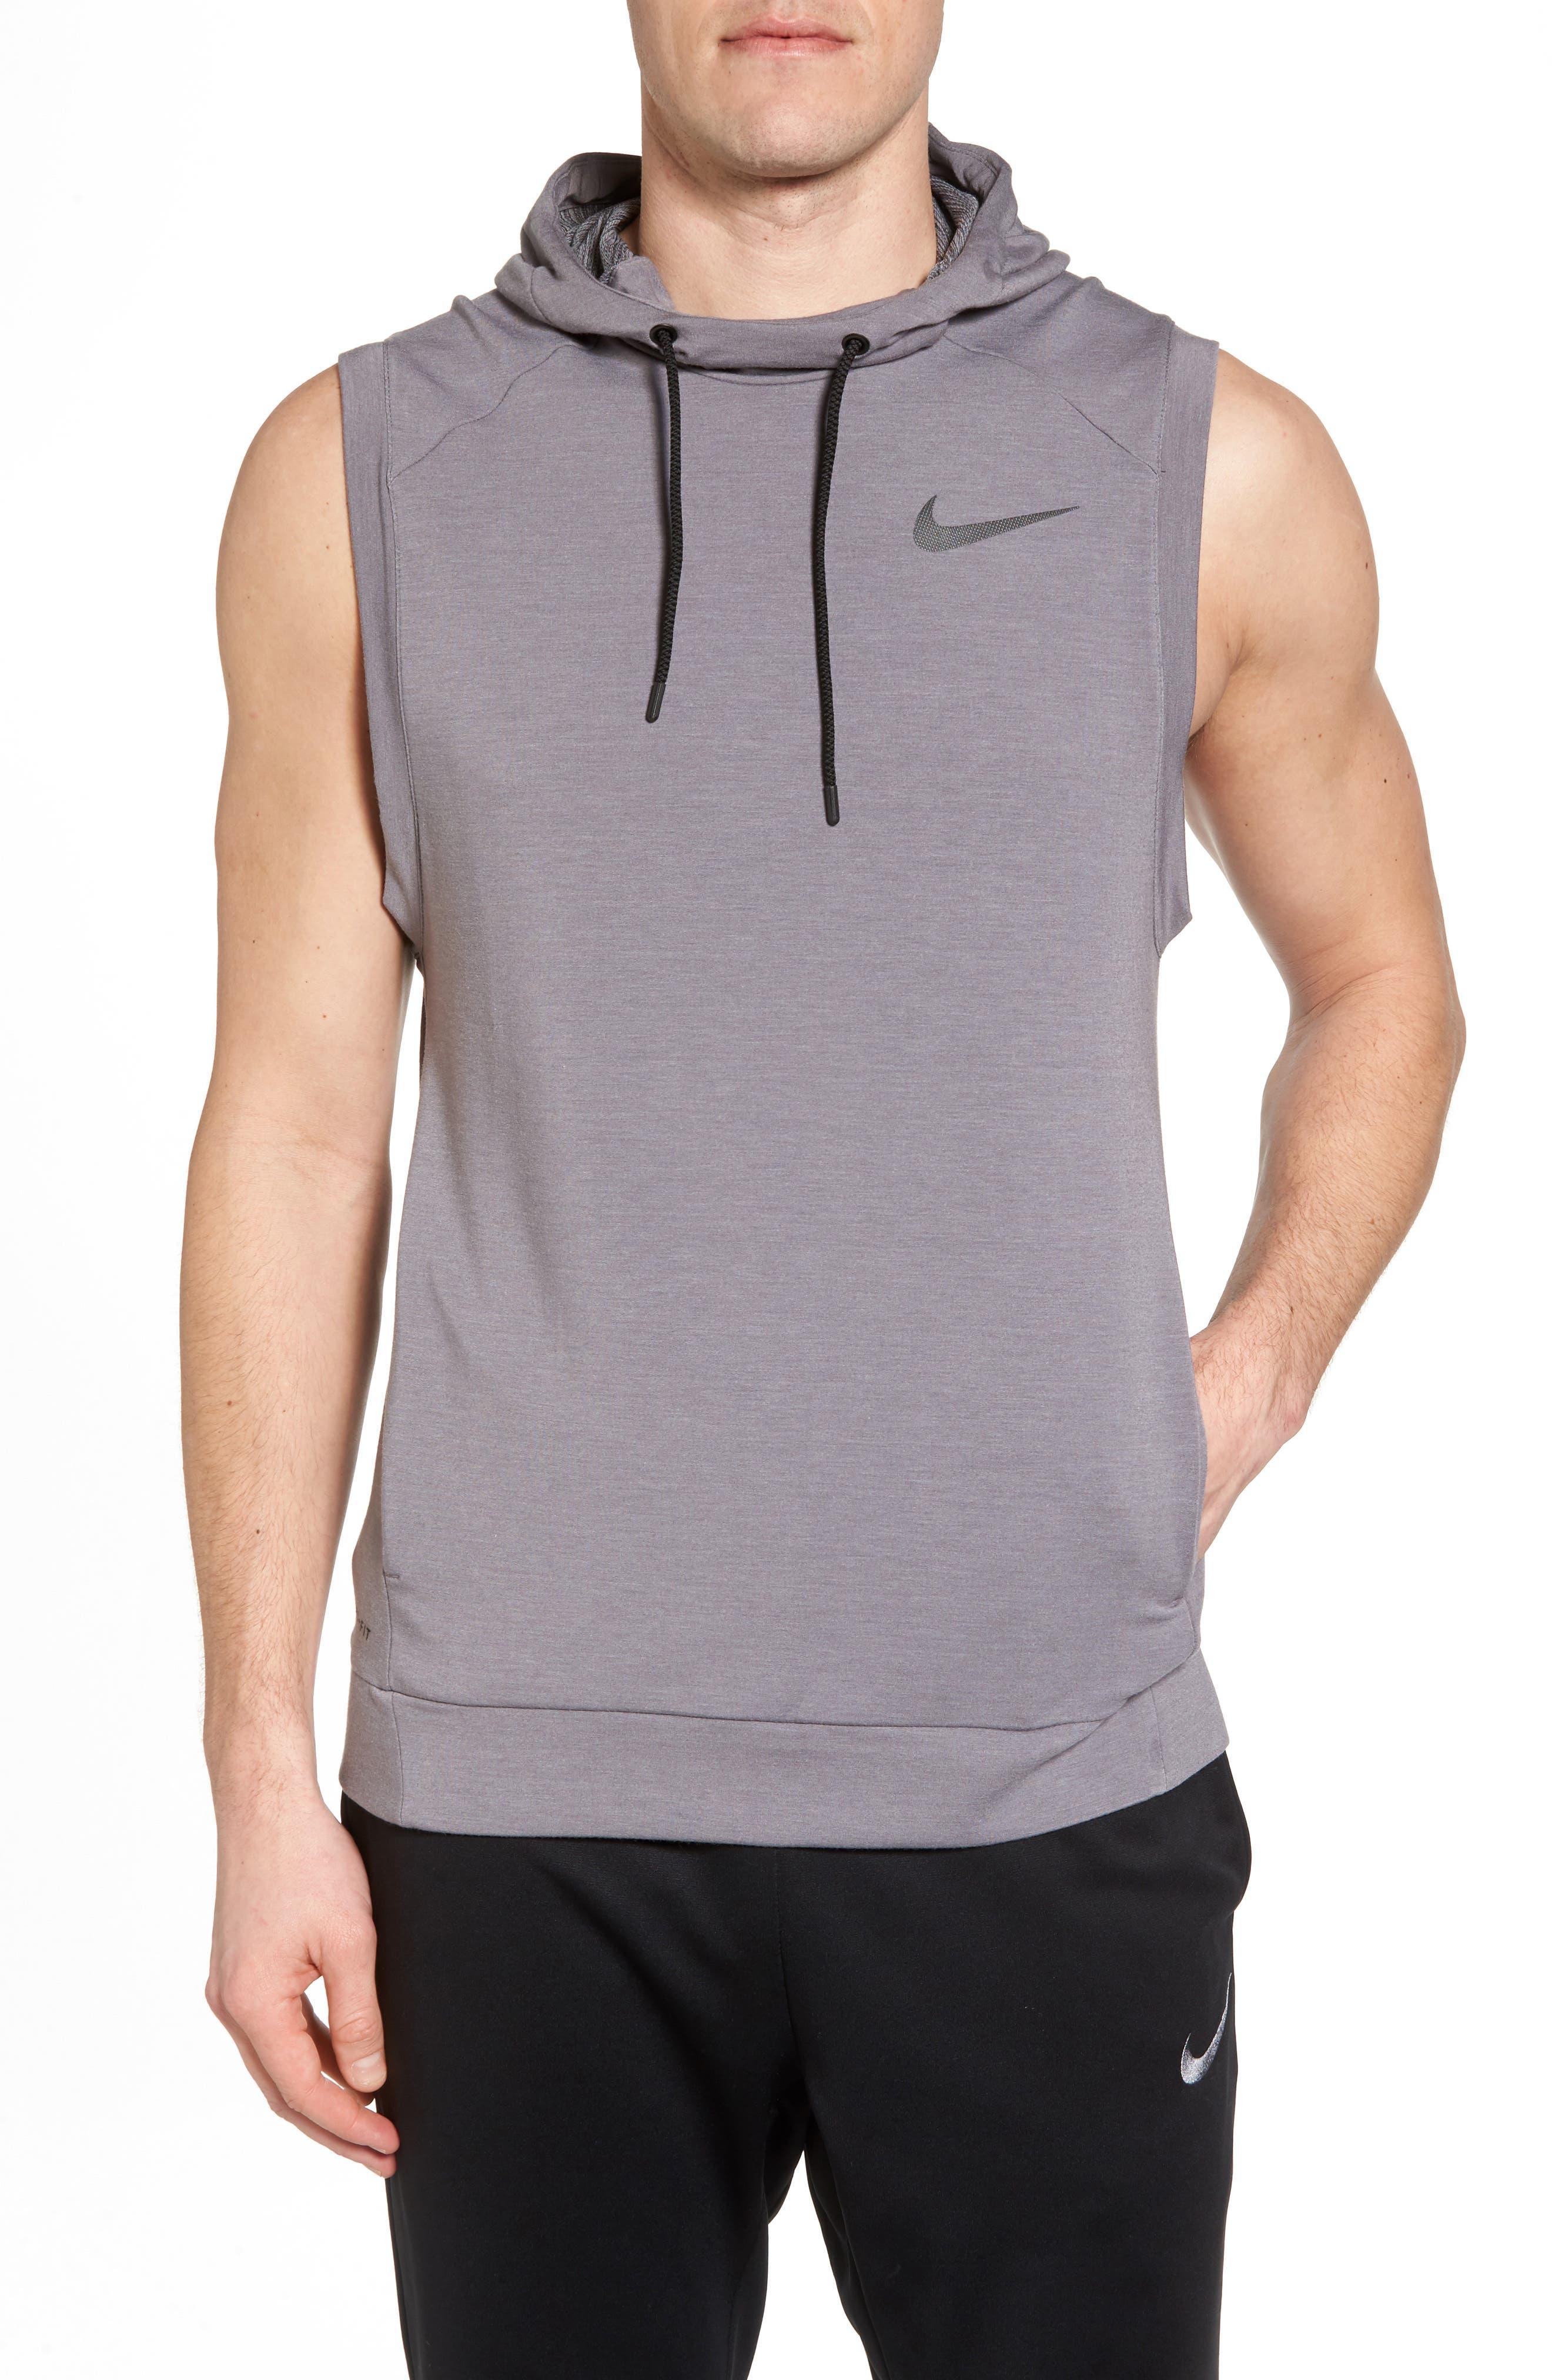 Nike Dry Training Day Sleeveless Hoodie